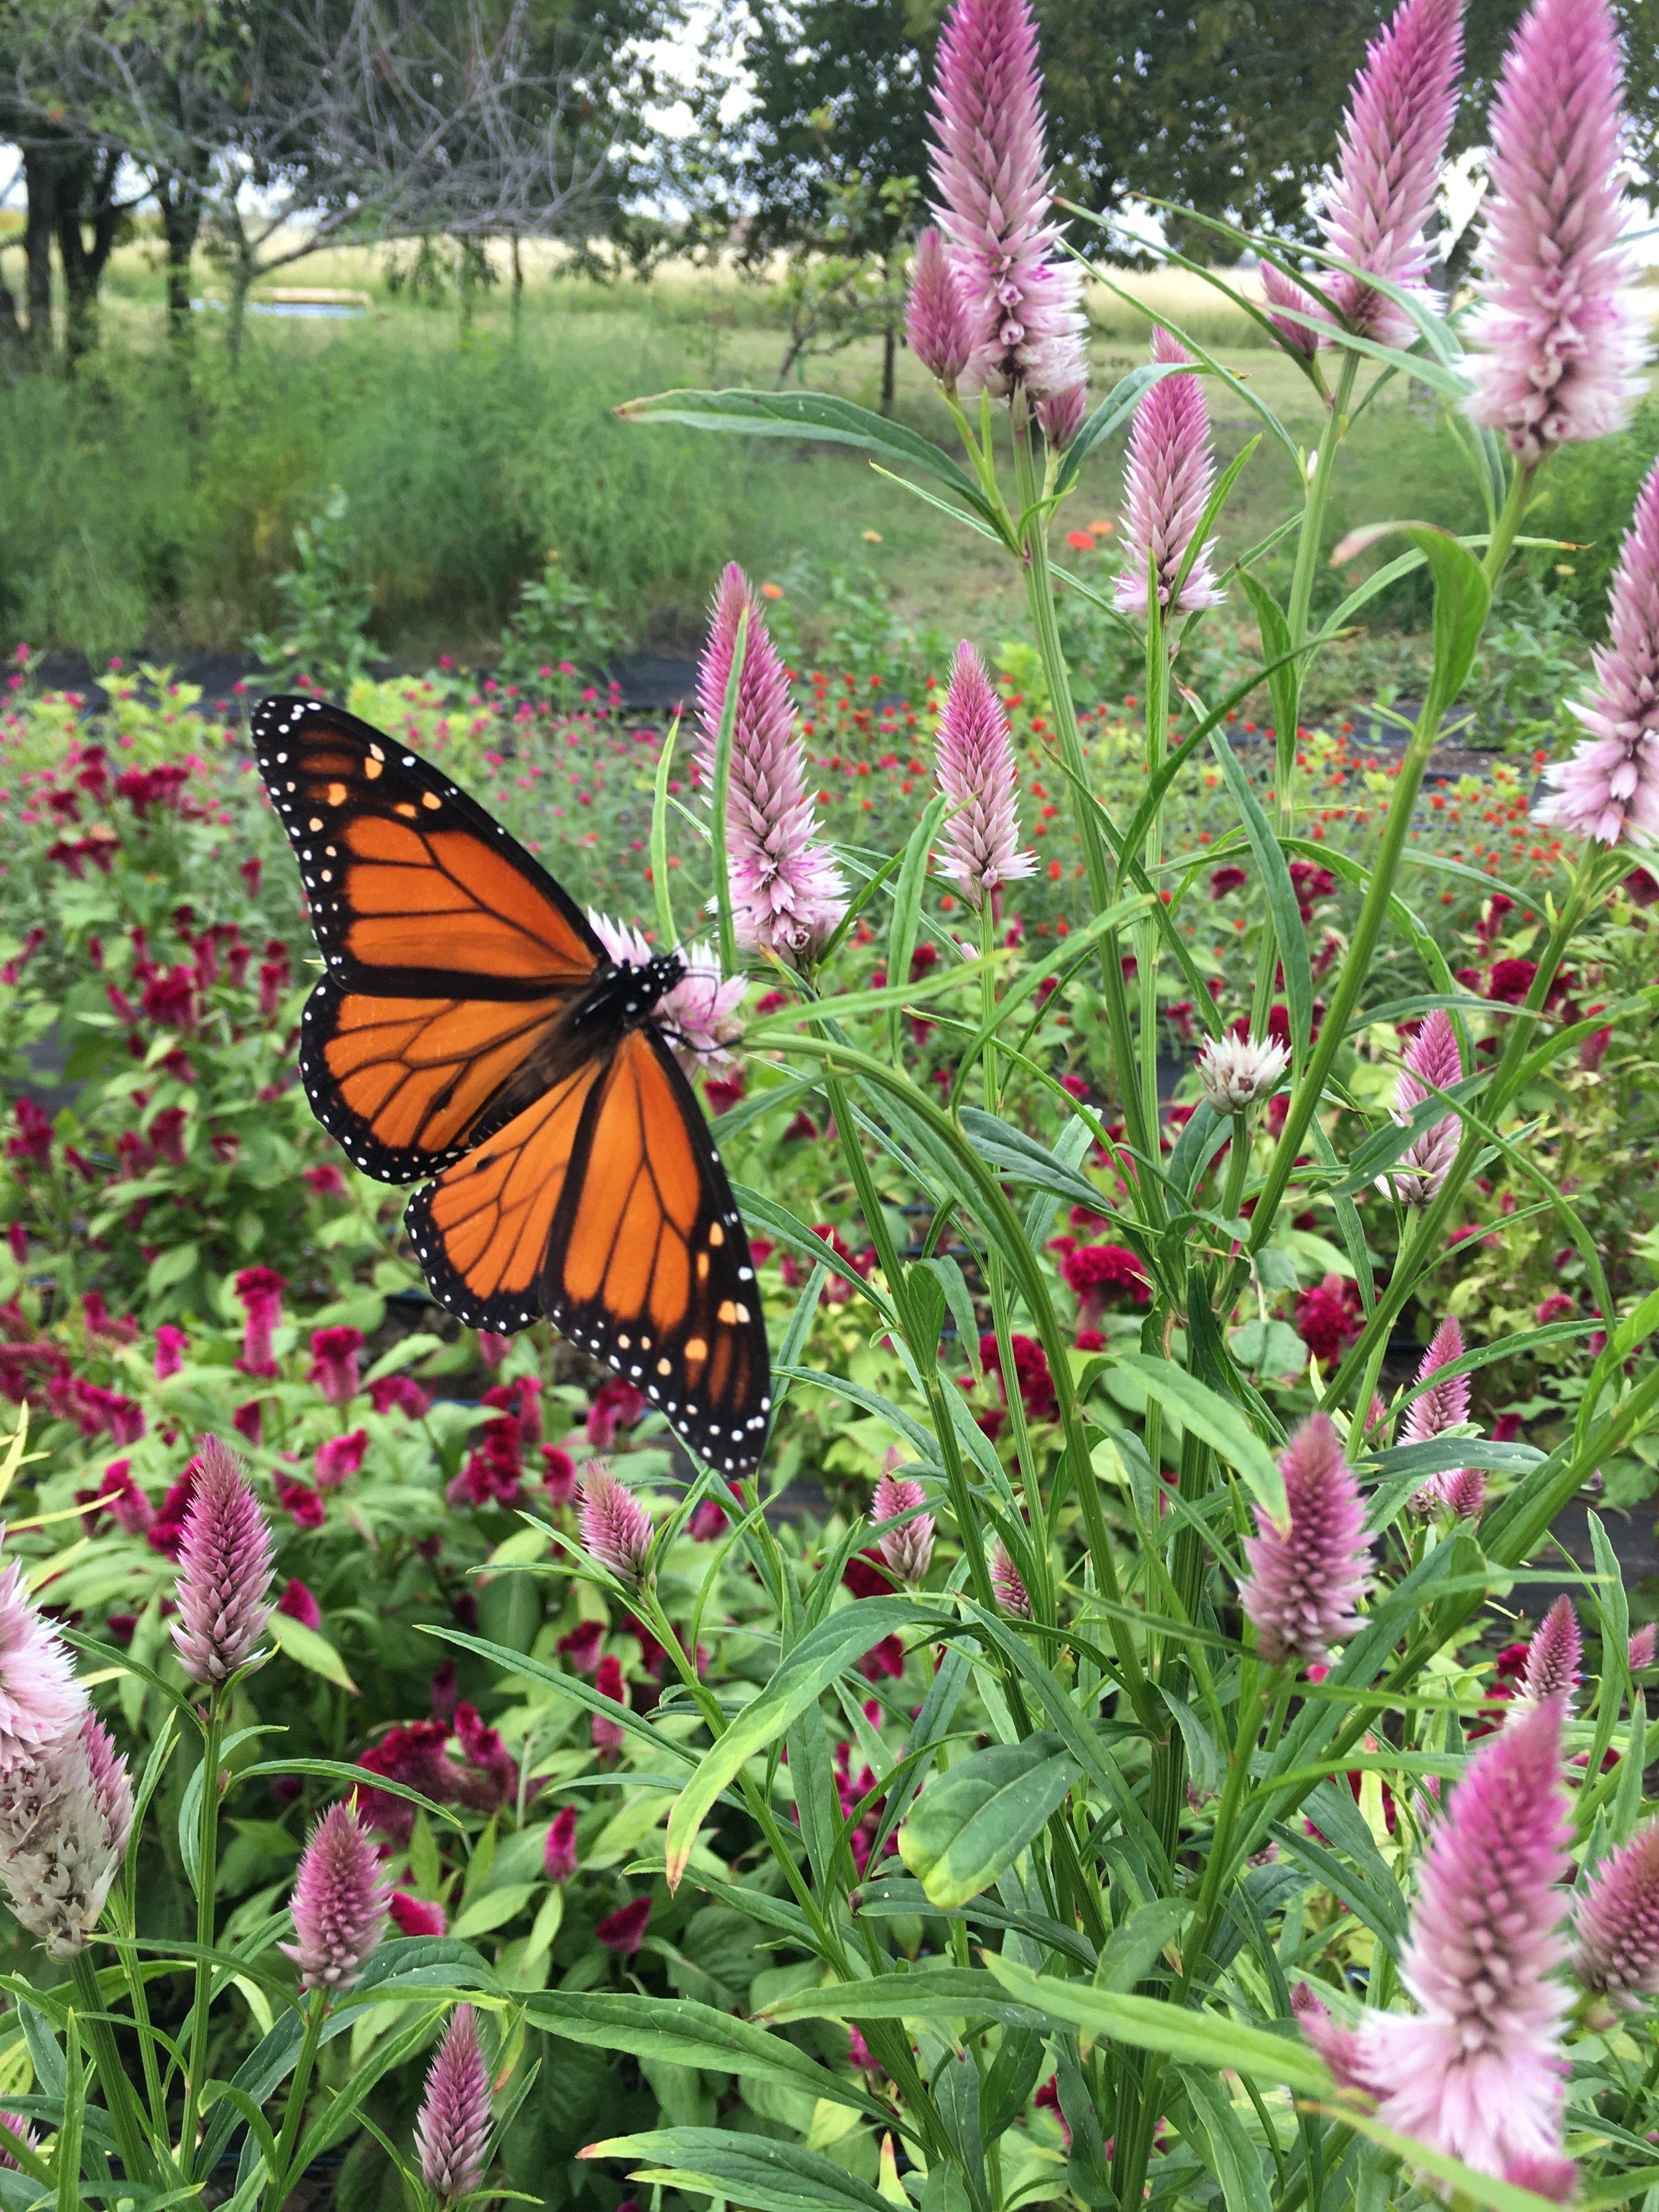 Monarch on celosia at Grassdale Farm